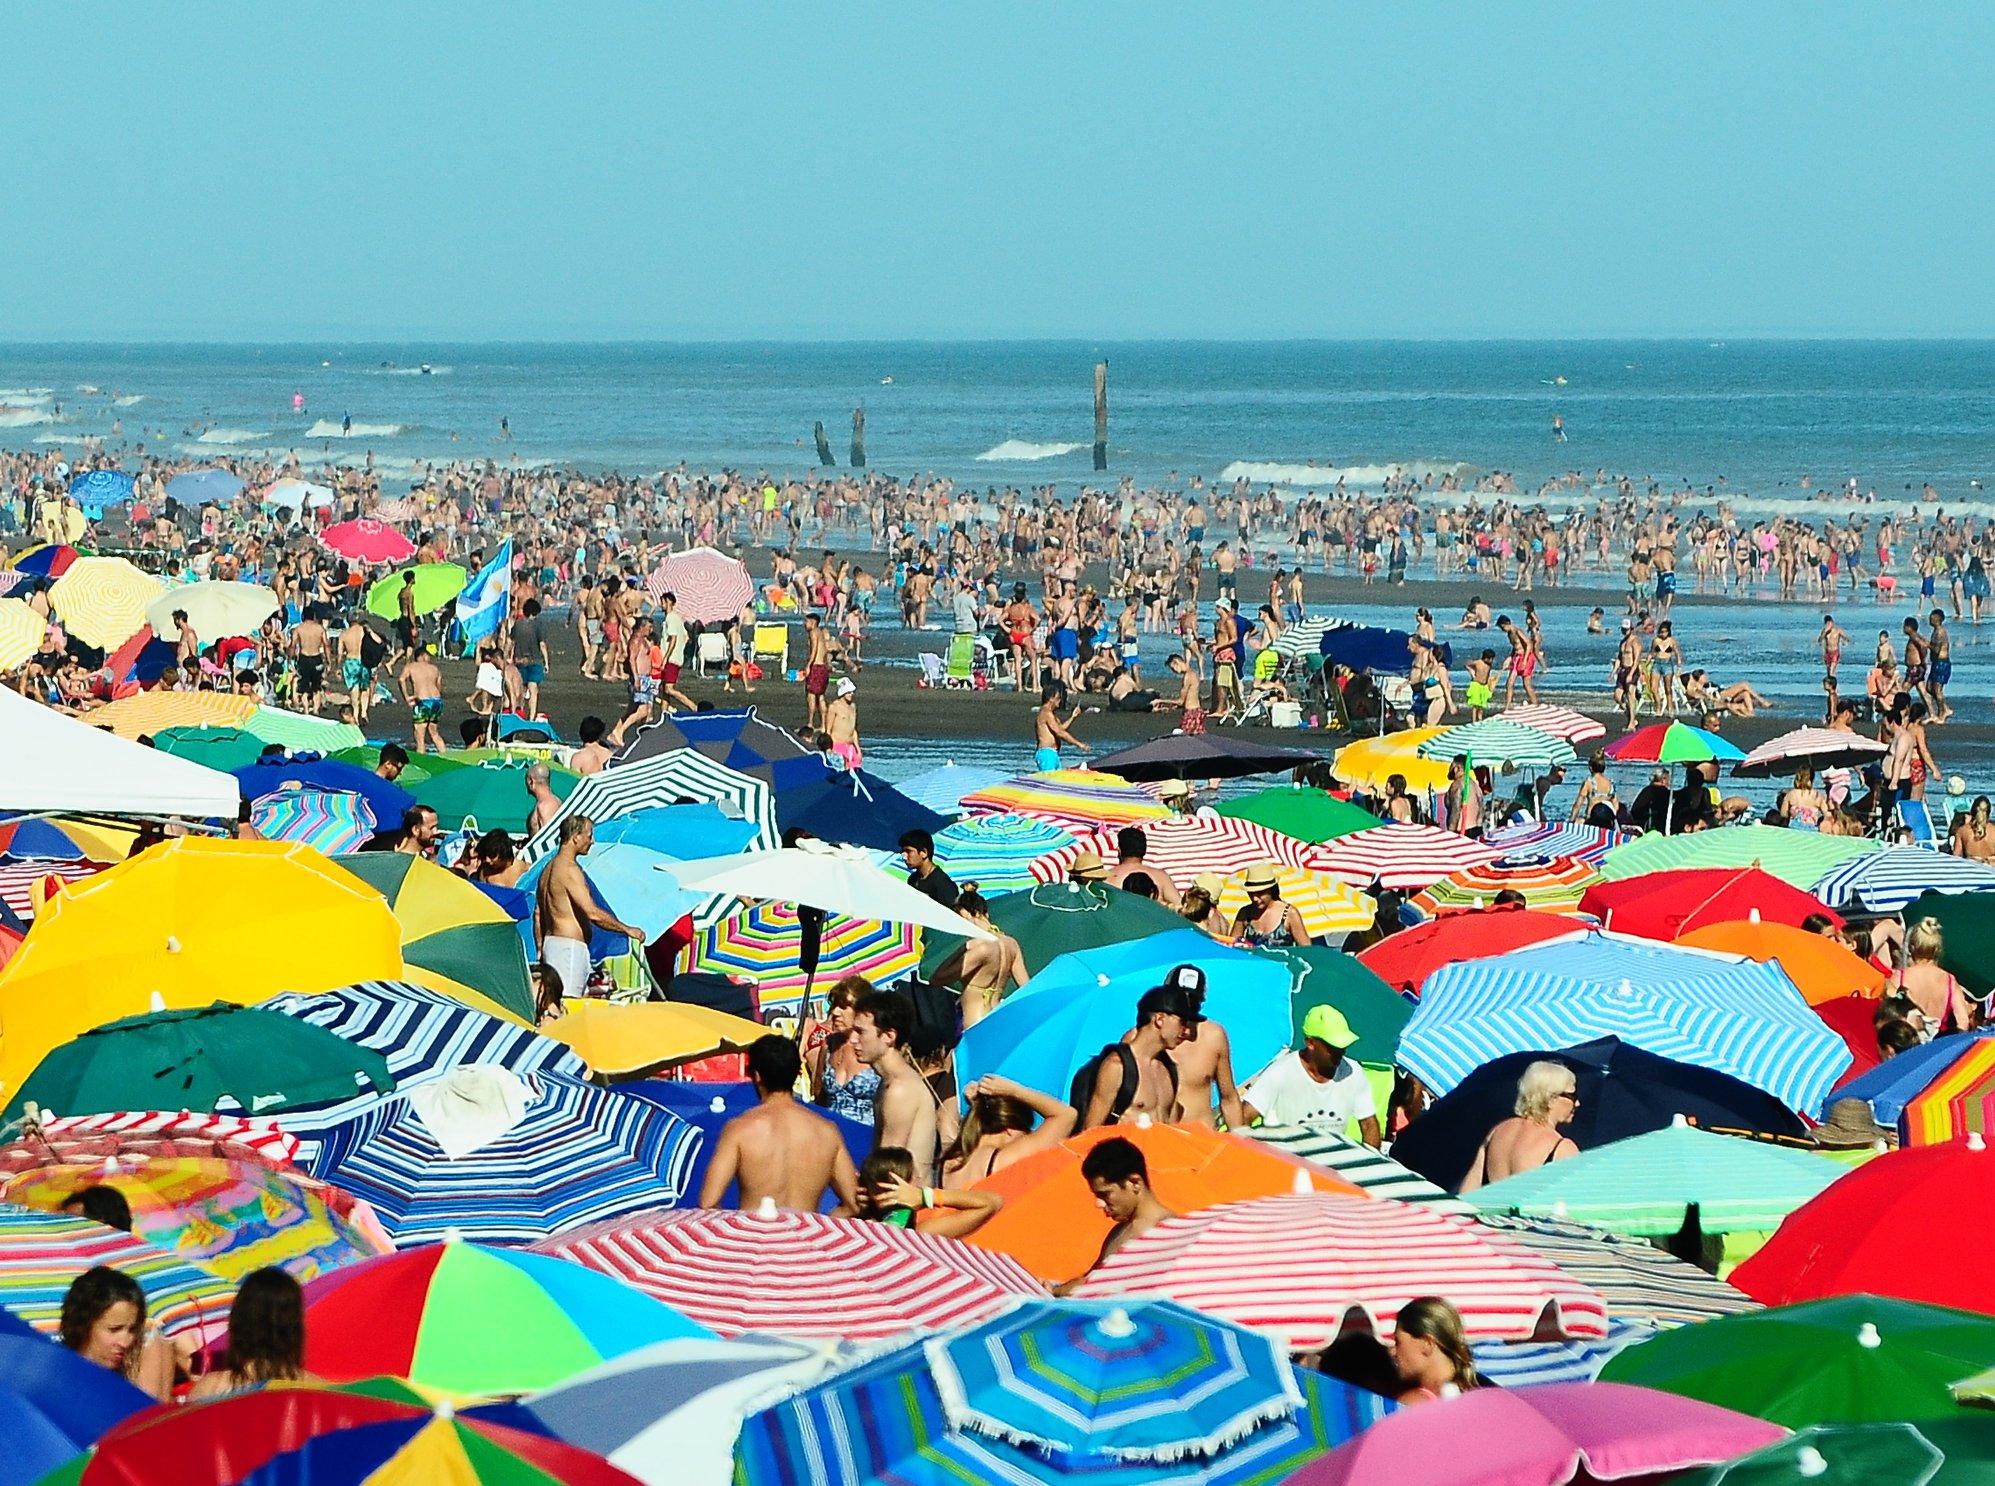 El destino turístico Nº1 de la costa atlántica